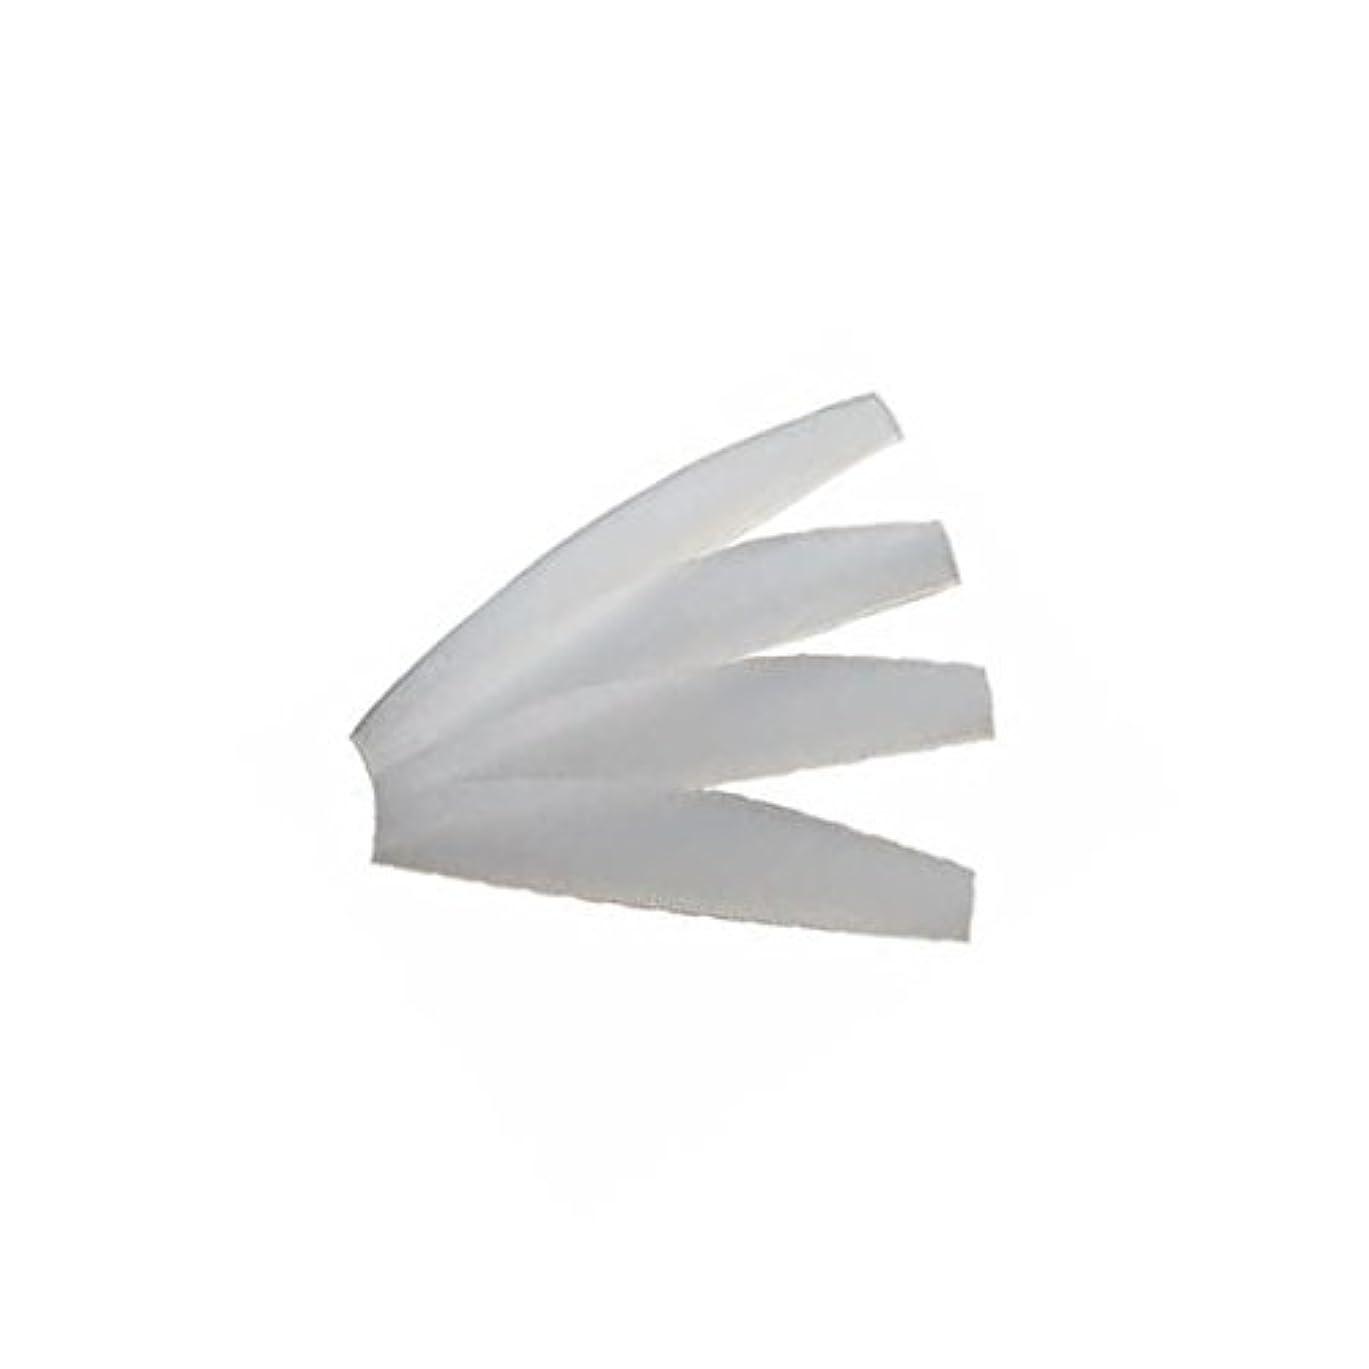 チャネル爪選出する< CKL > 万能シリコンロット L 幅49×奥行9×高さ1.5~2.5mm 20枚 [ まつげカール まつげパーマロッド シリコンロット まつげエクステ まつ毛エクステ まつエク マツエク ]